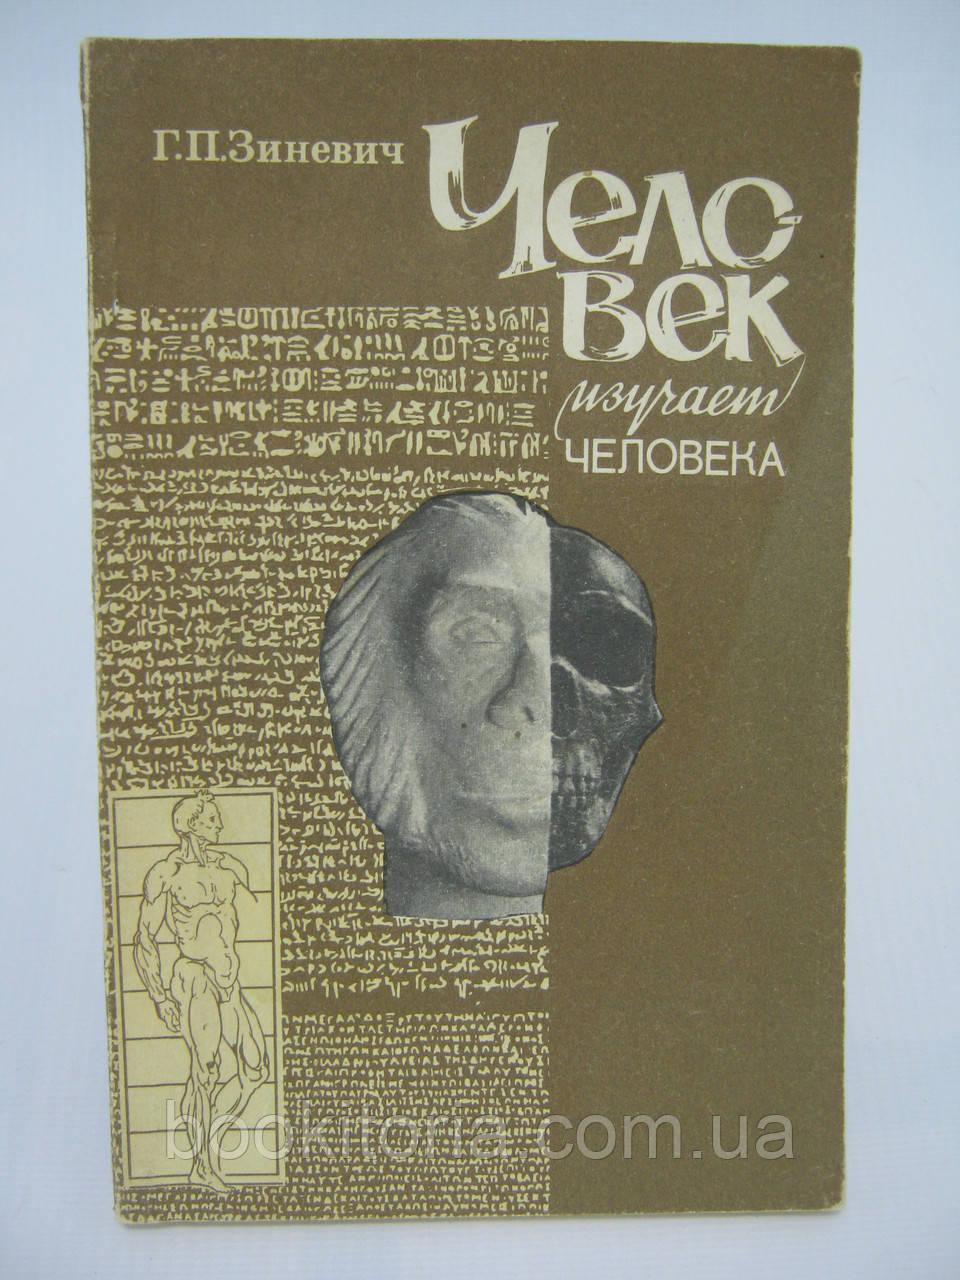 Зиневич Г.П. Человек изучает человека (б/у).